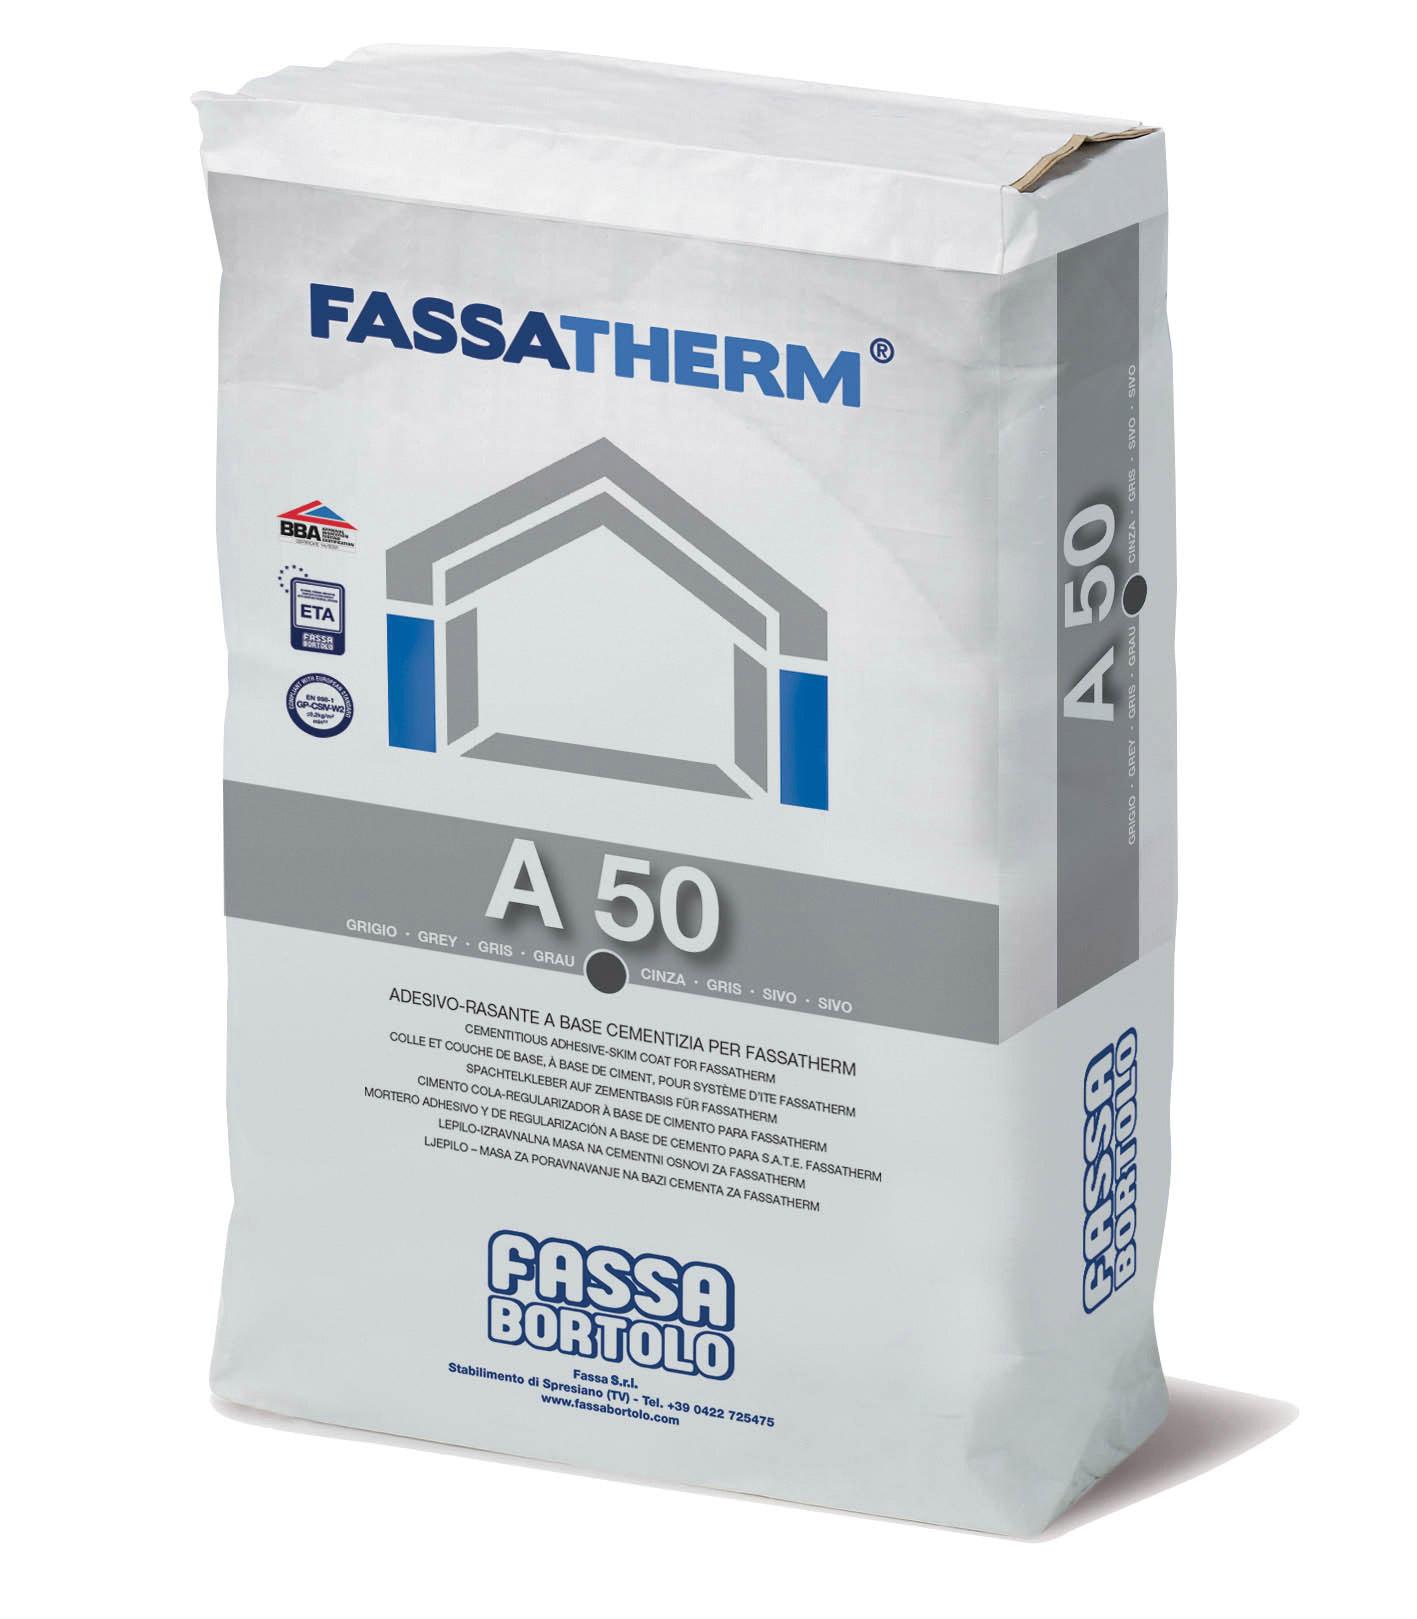 A 50: Collante-Rasante a base cementizia grigio e bianco ad elevate prestazioni per Sistemi Fassatherm®